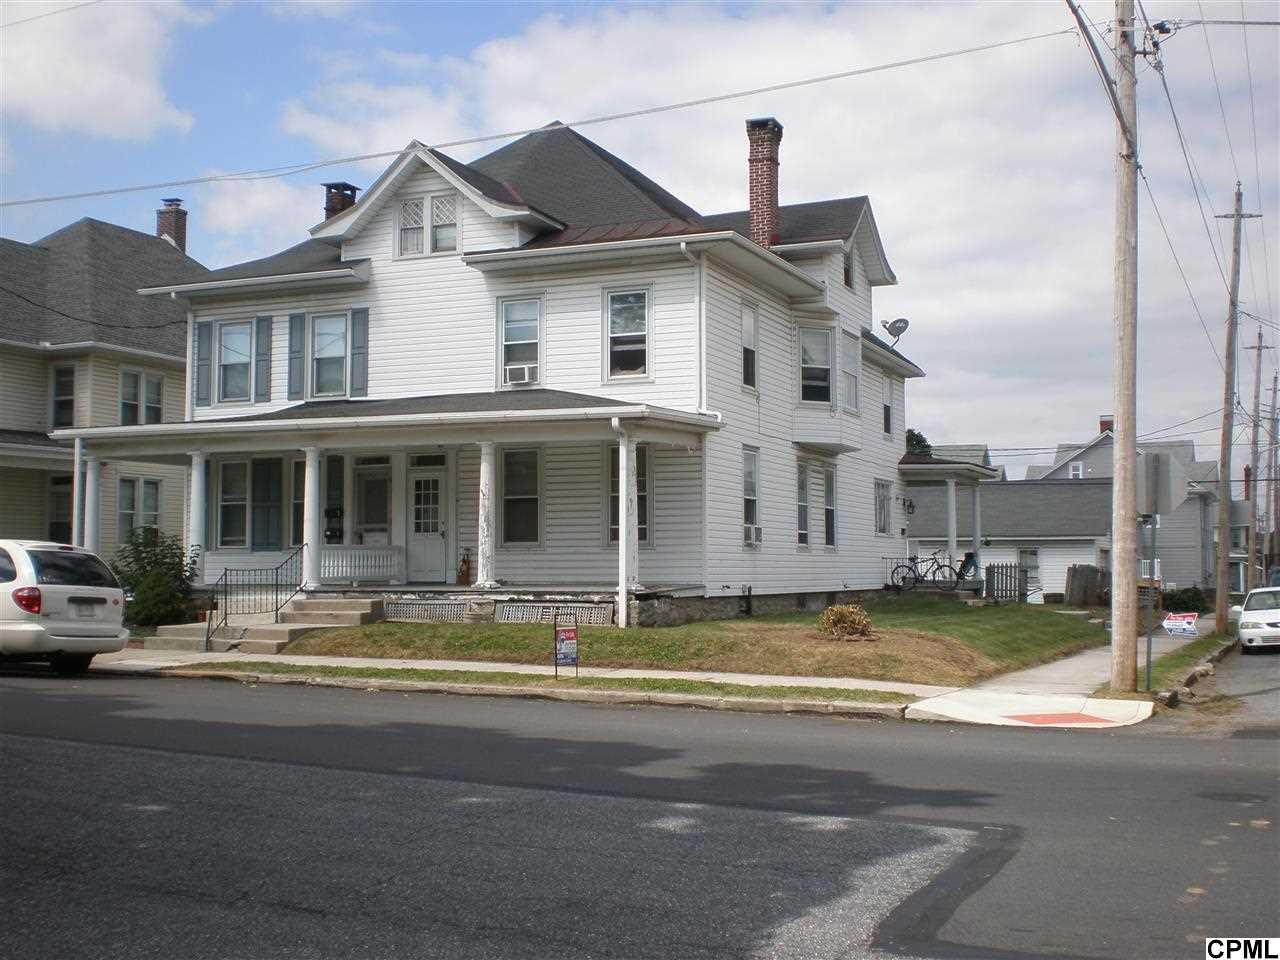 135 E Maple St, Palmyra, PA 17078